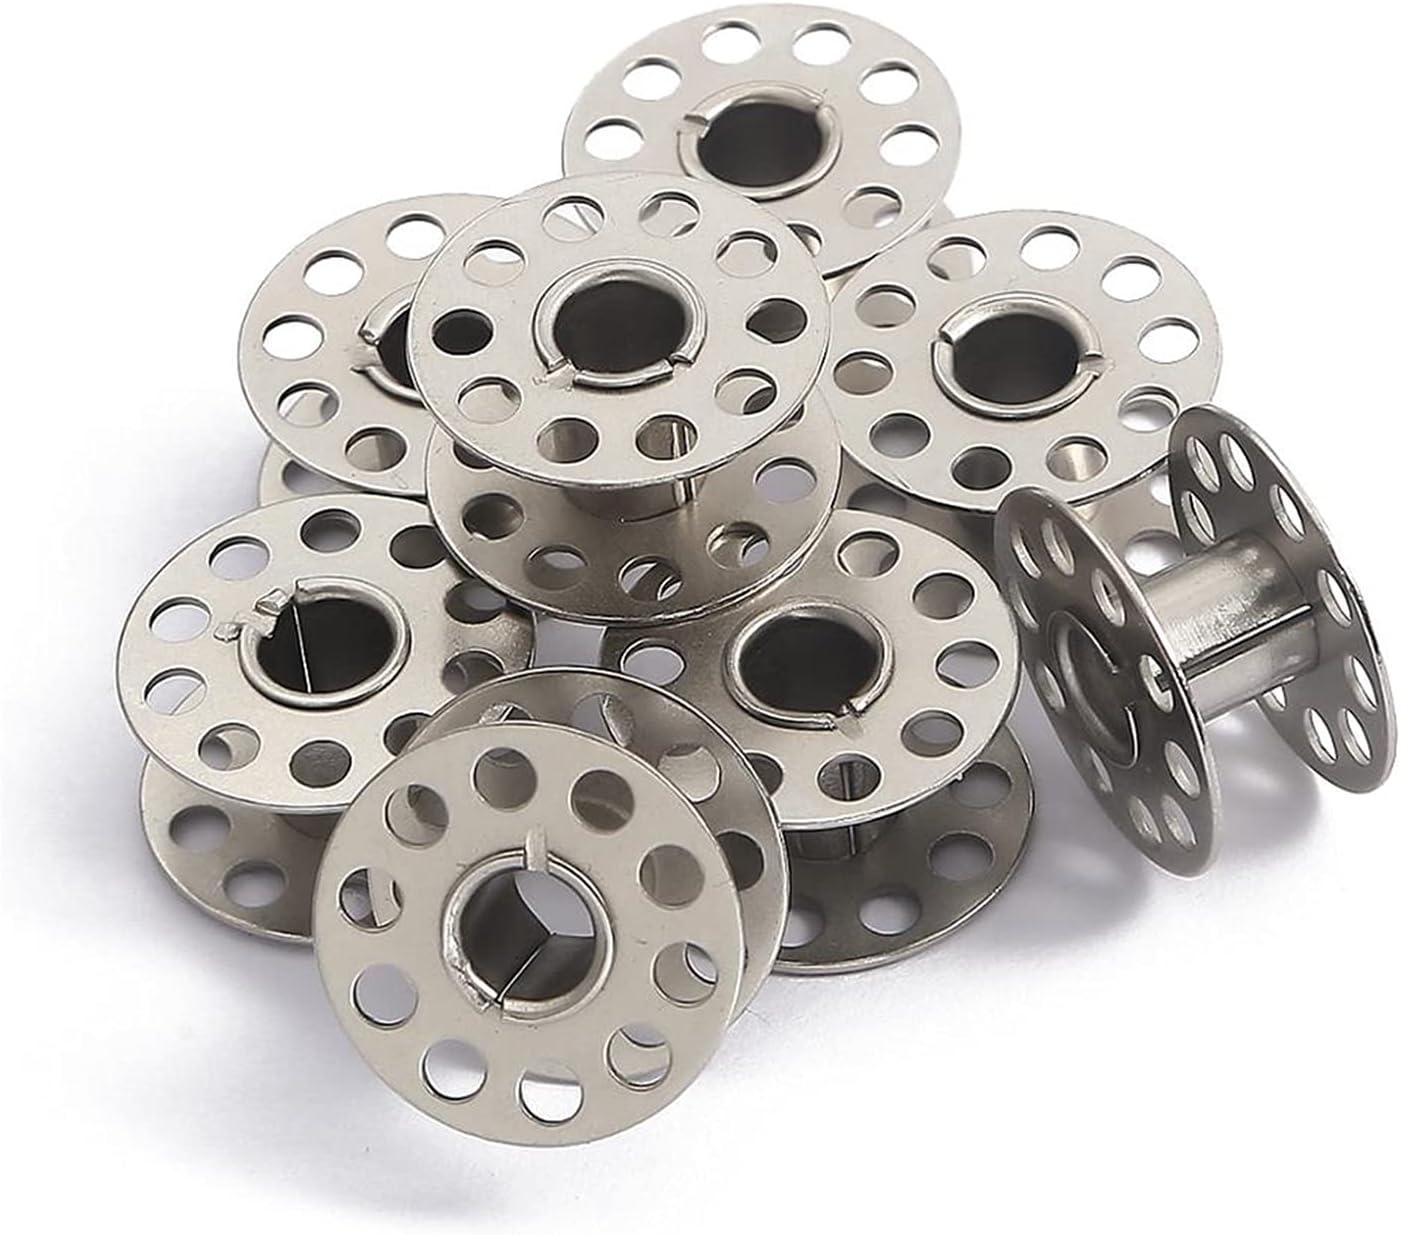 GJHL Sewing Machine Spool Max 56% OFF 10Pcs Bobbins Max 51% OFF Metal Craft